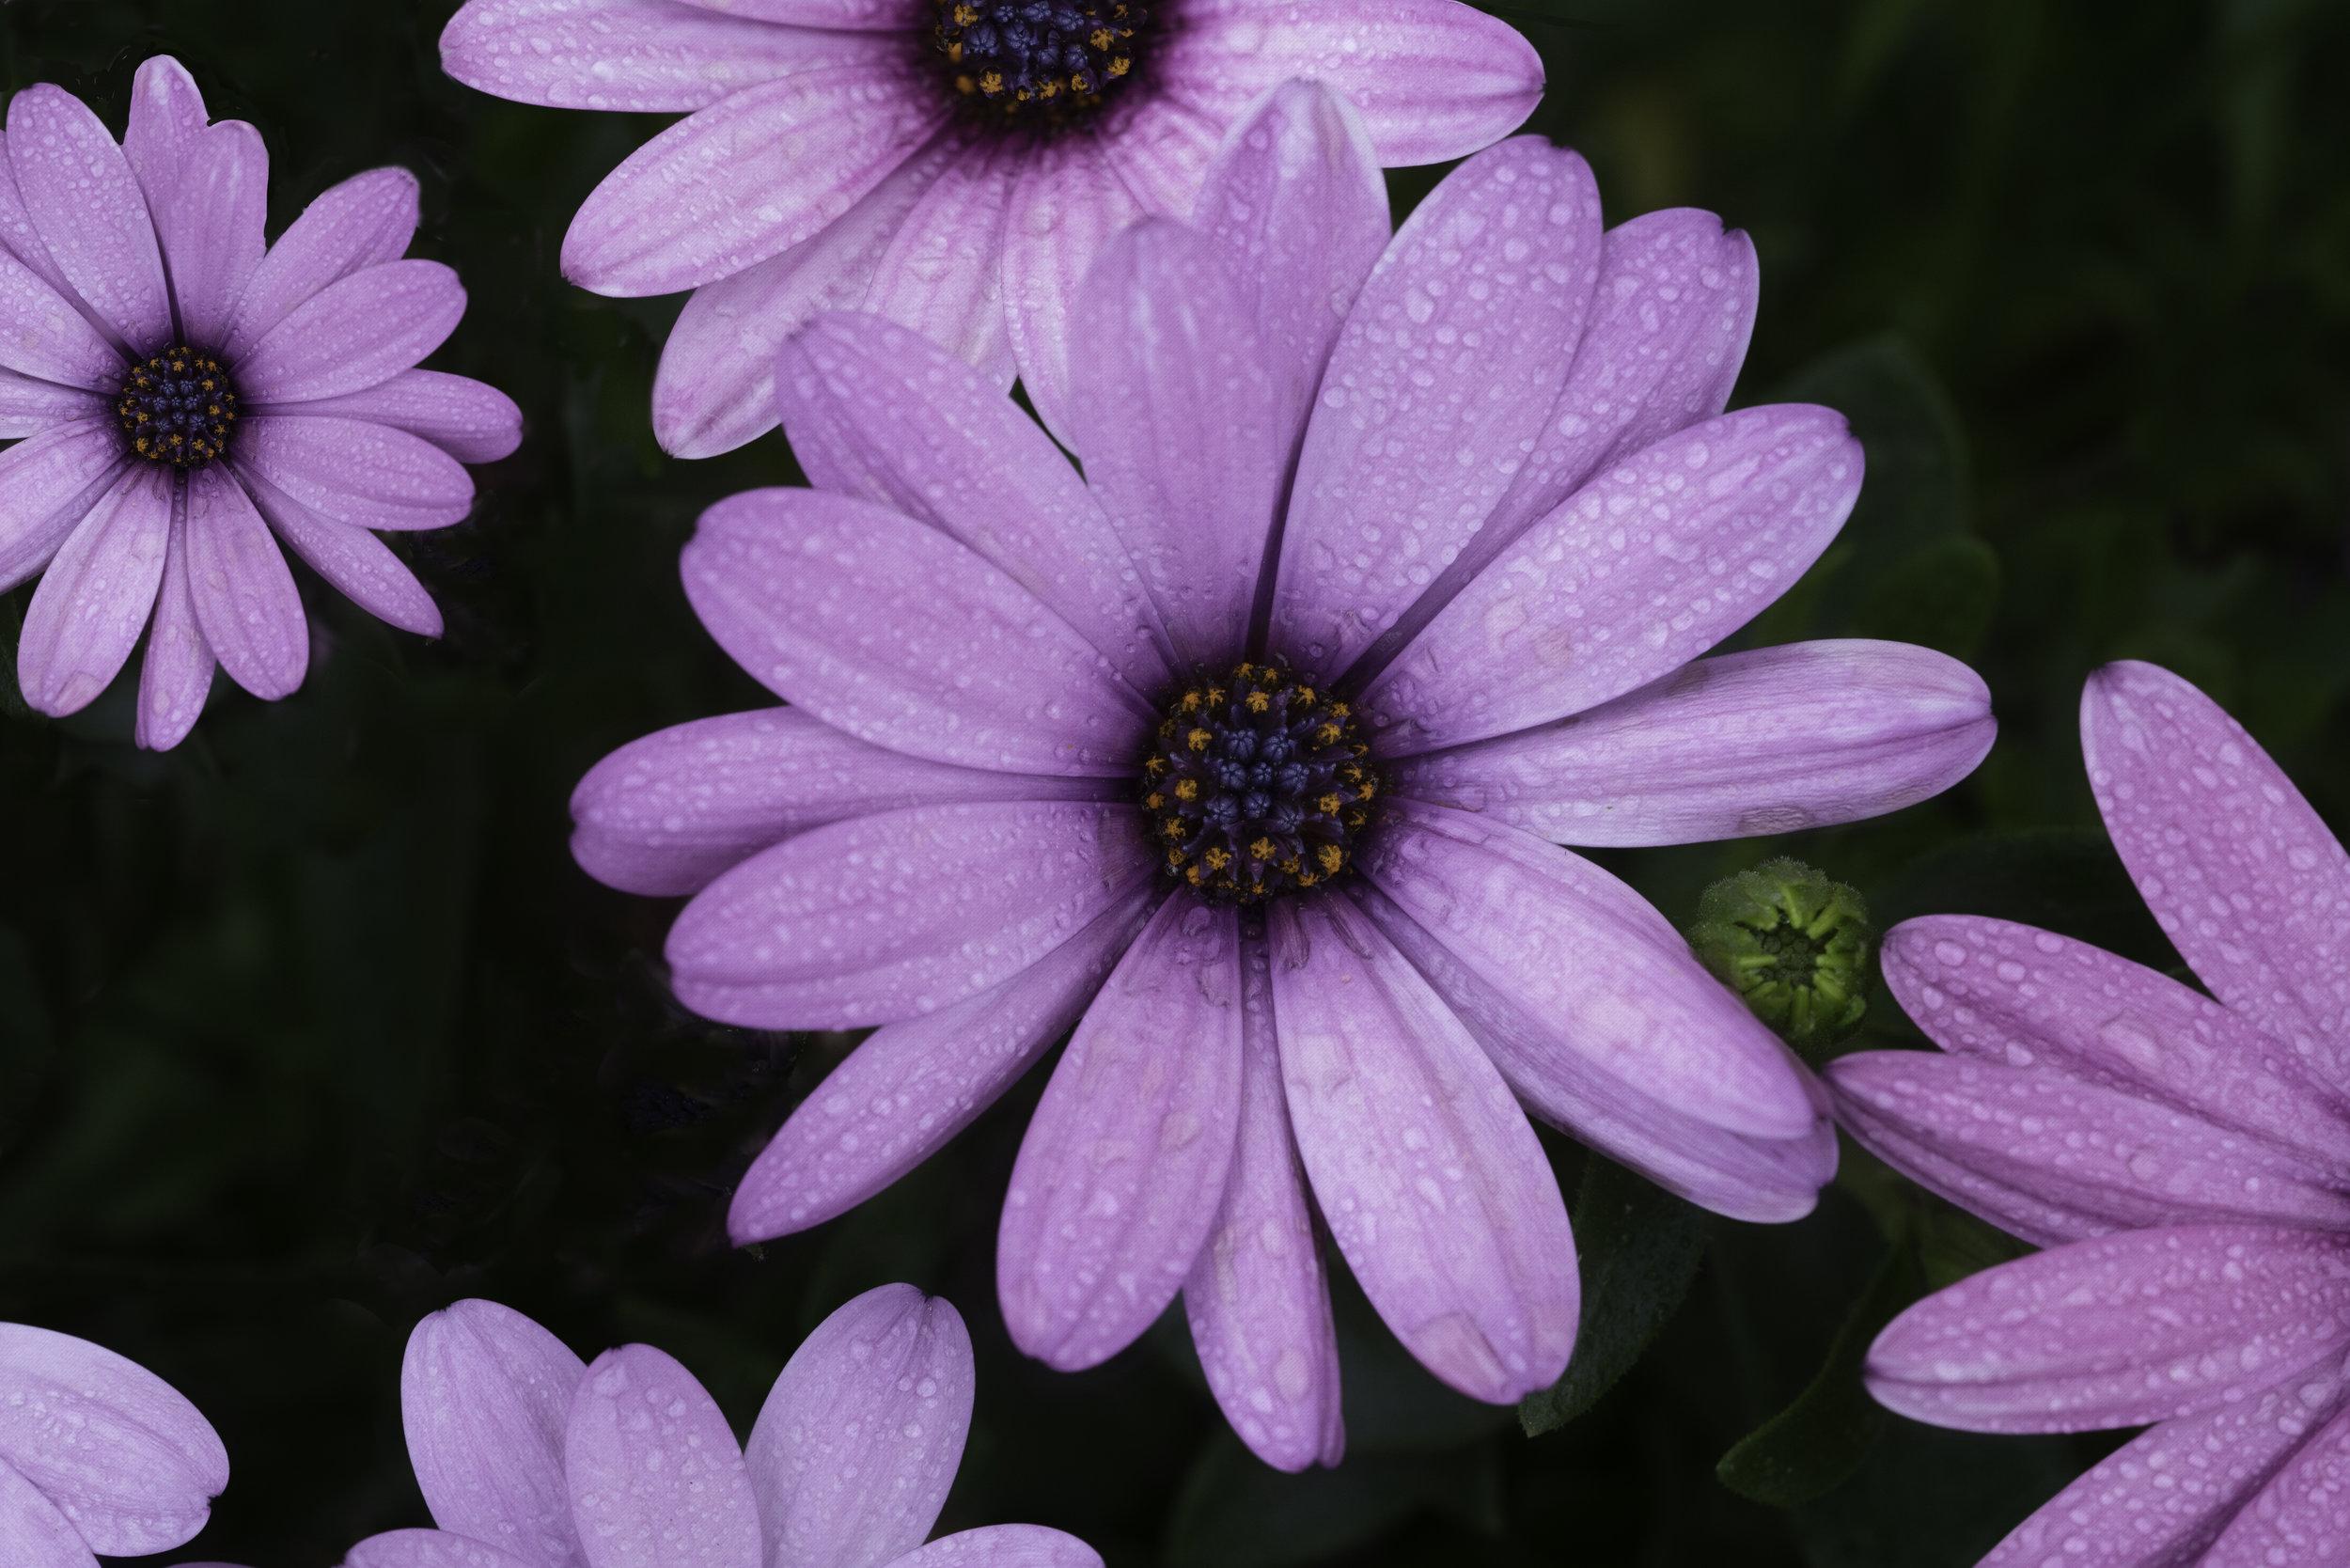 Maggie Yates Flowers-83.jpg